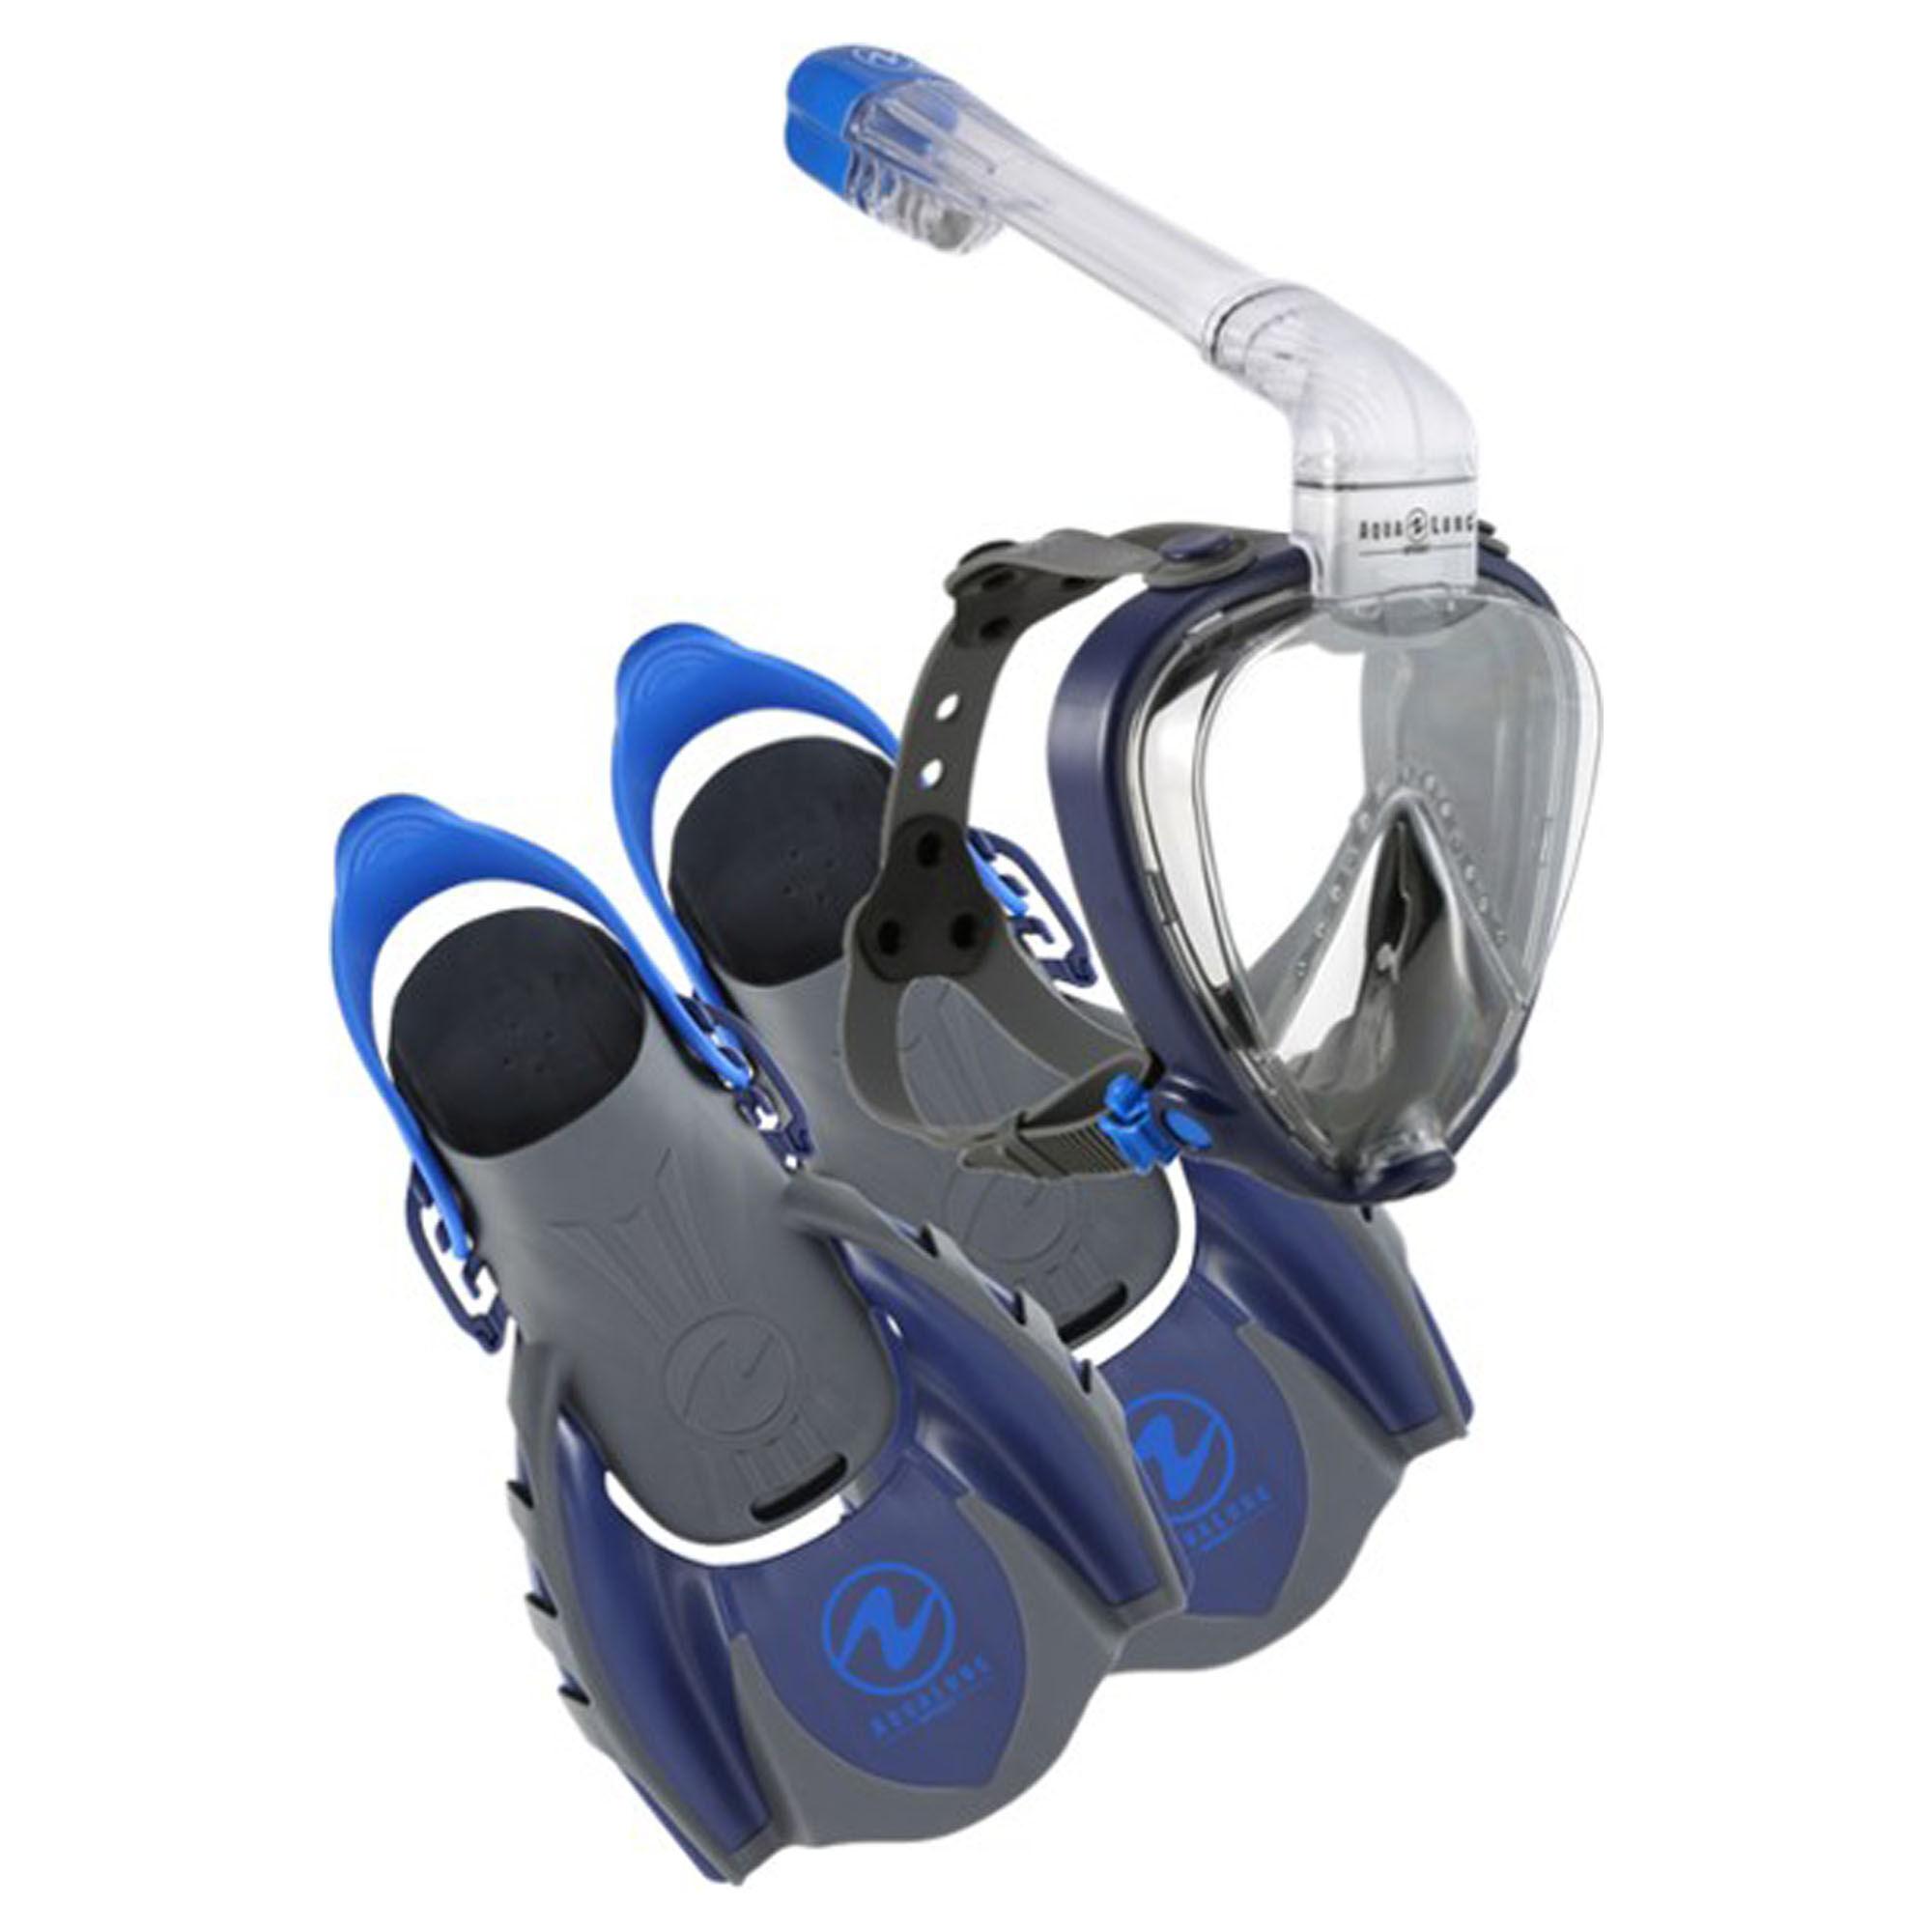 Aqua Lung Sport Smartsnorkel Set  - Navy - Size: Medium